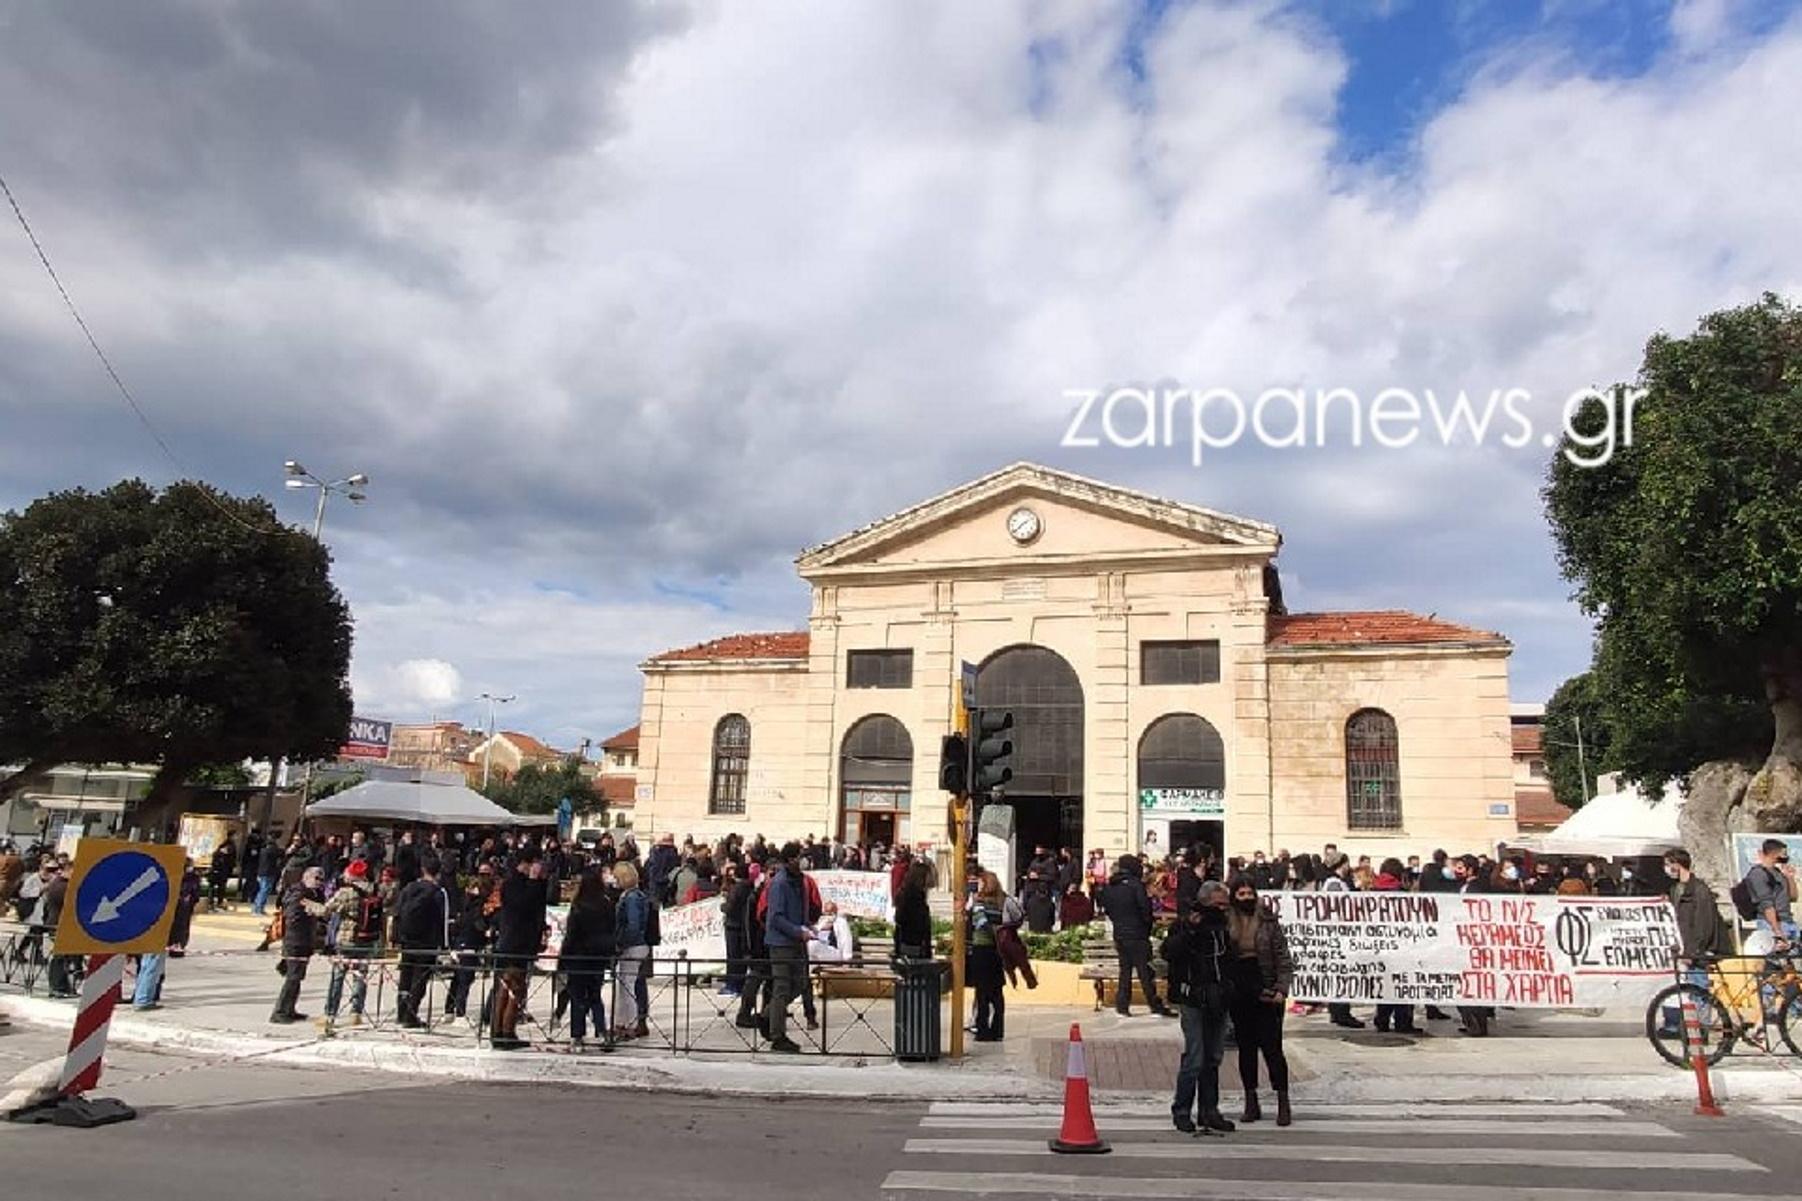 Πανεκπαιδευτικό συλλαλητήριο στα Χανιά: «Αν θέλουν να δουν συνωστισμό ας έρθουν στα σχολεία» (pics, video)